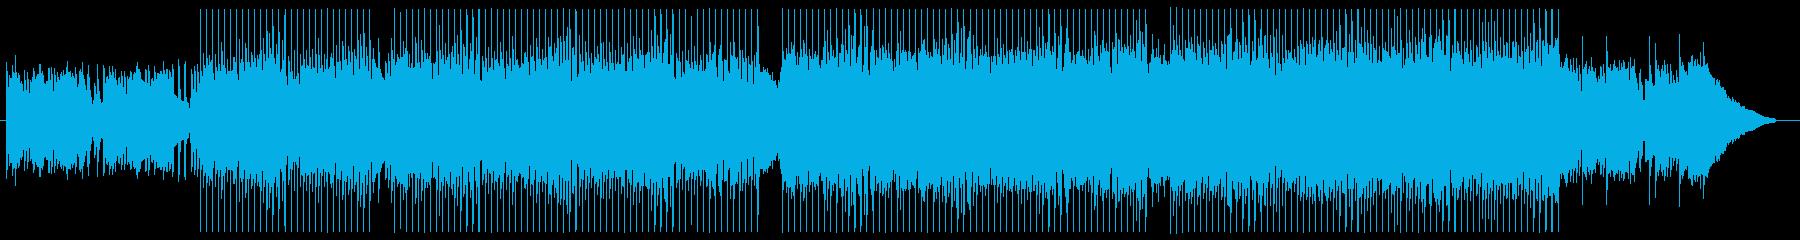 企業PV・結婚式等キラキラピアノインストの再生済みの波形